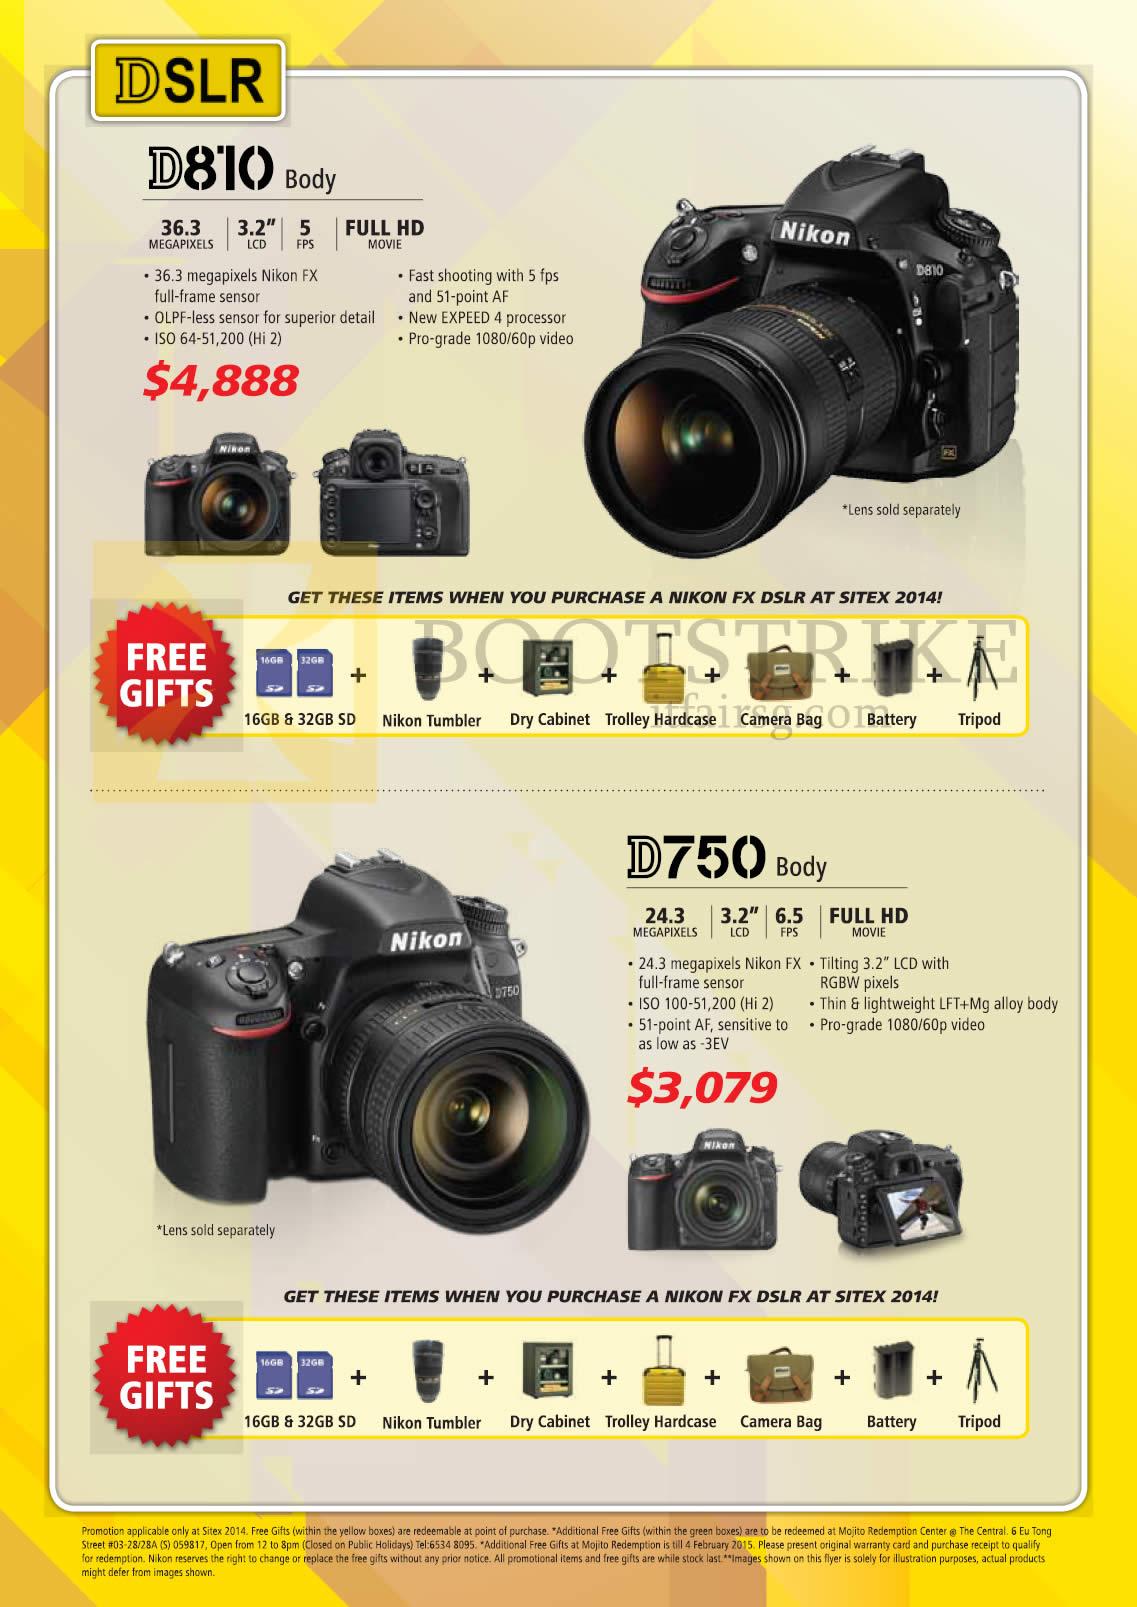 Camera List Of All Nikon Dslr Cameras nikon dslr digital cameras d7000 d5200 d7100 d5300 d3300 d810 d750